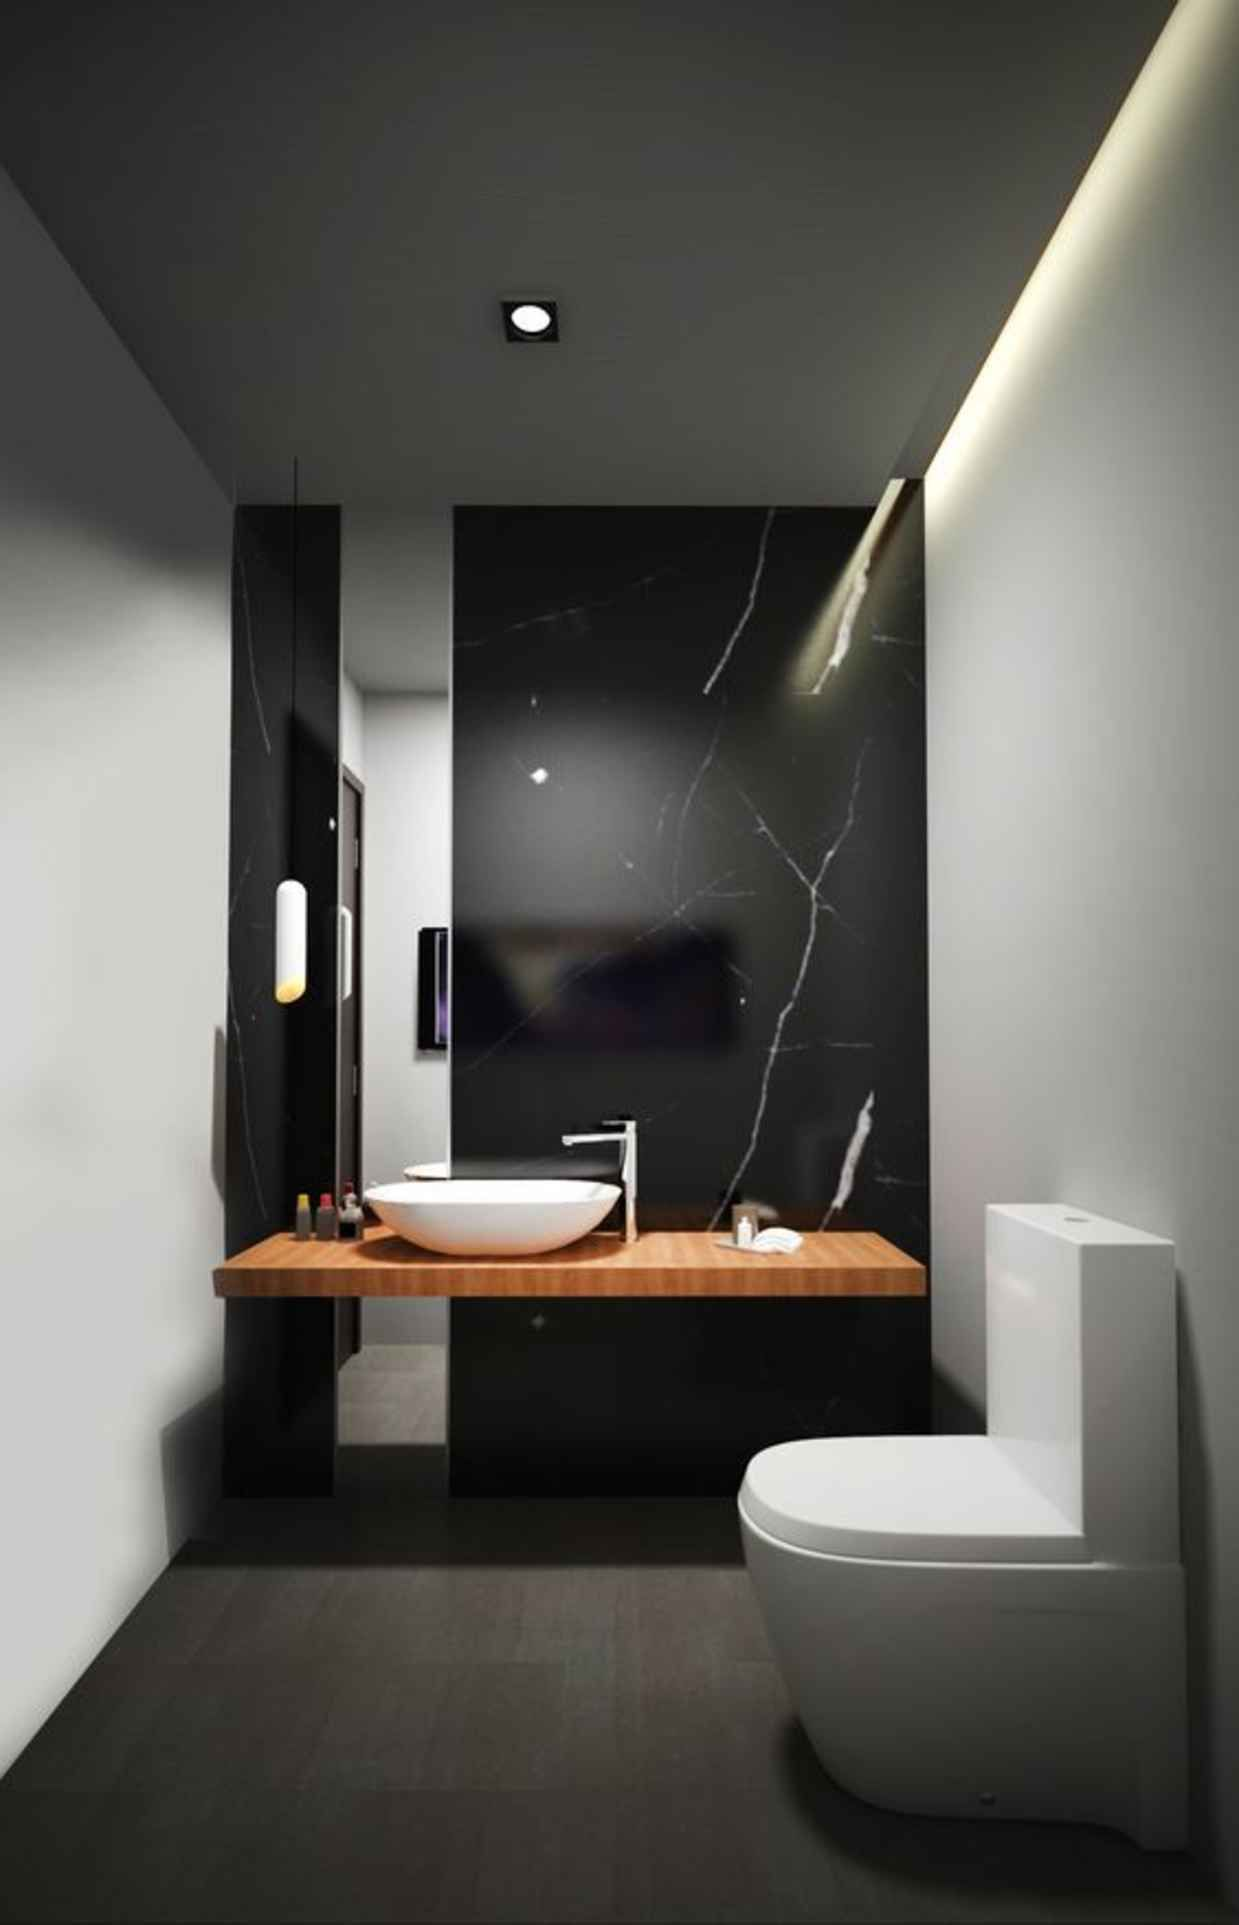 Receiving Room Interior Design: 22 Examples Of Minimal Interior Design #34